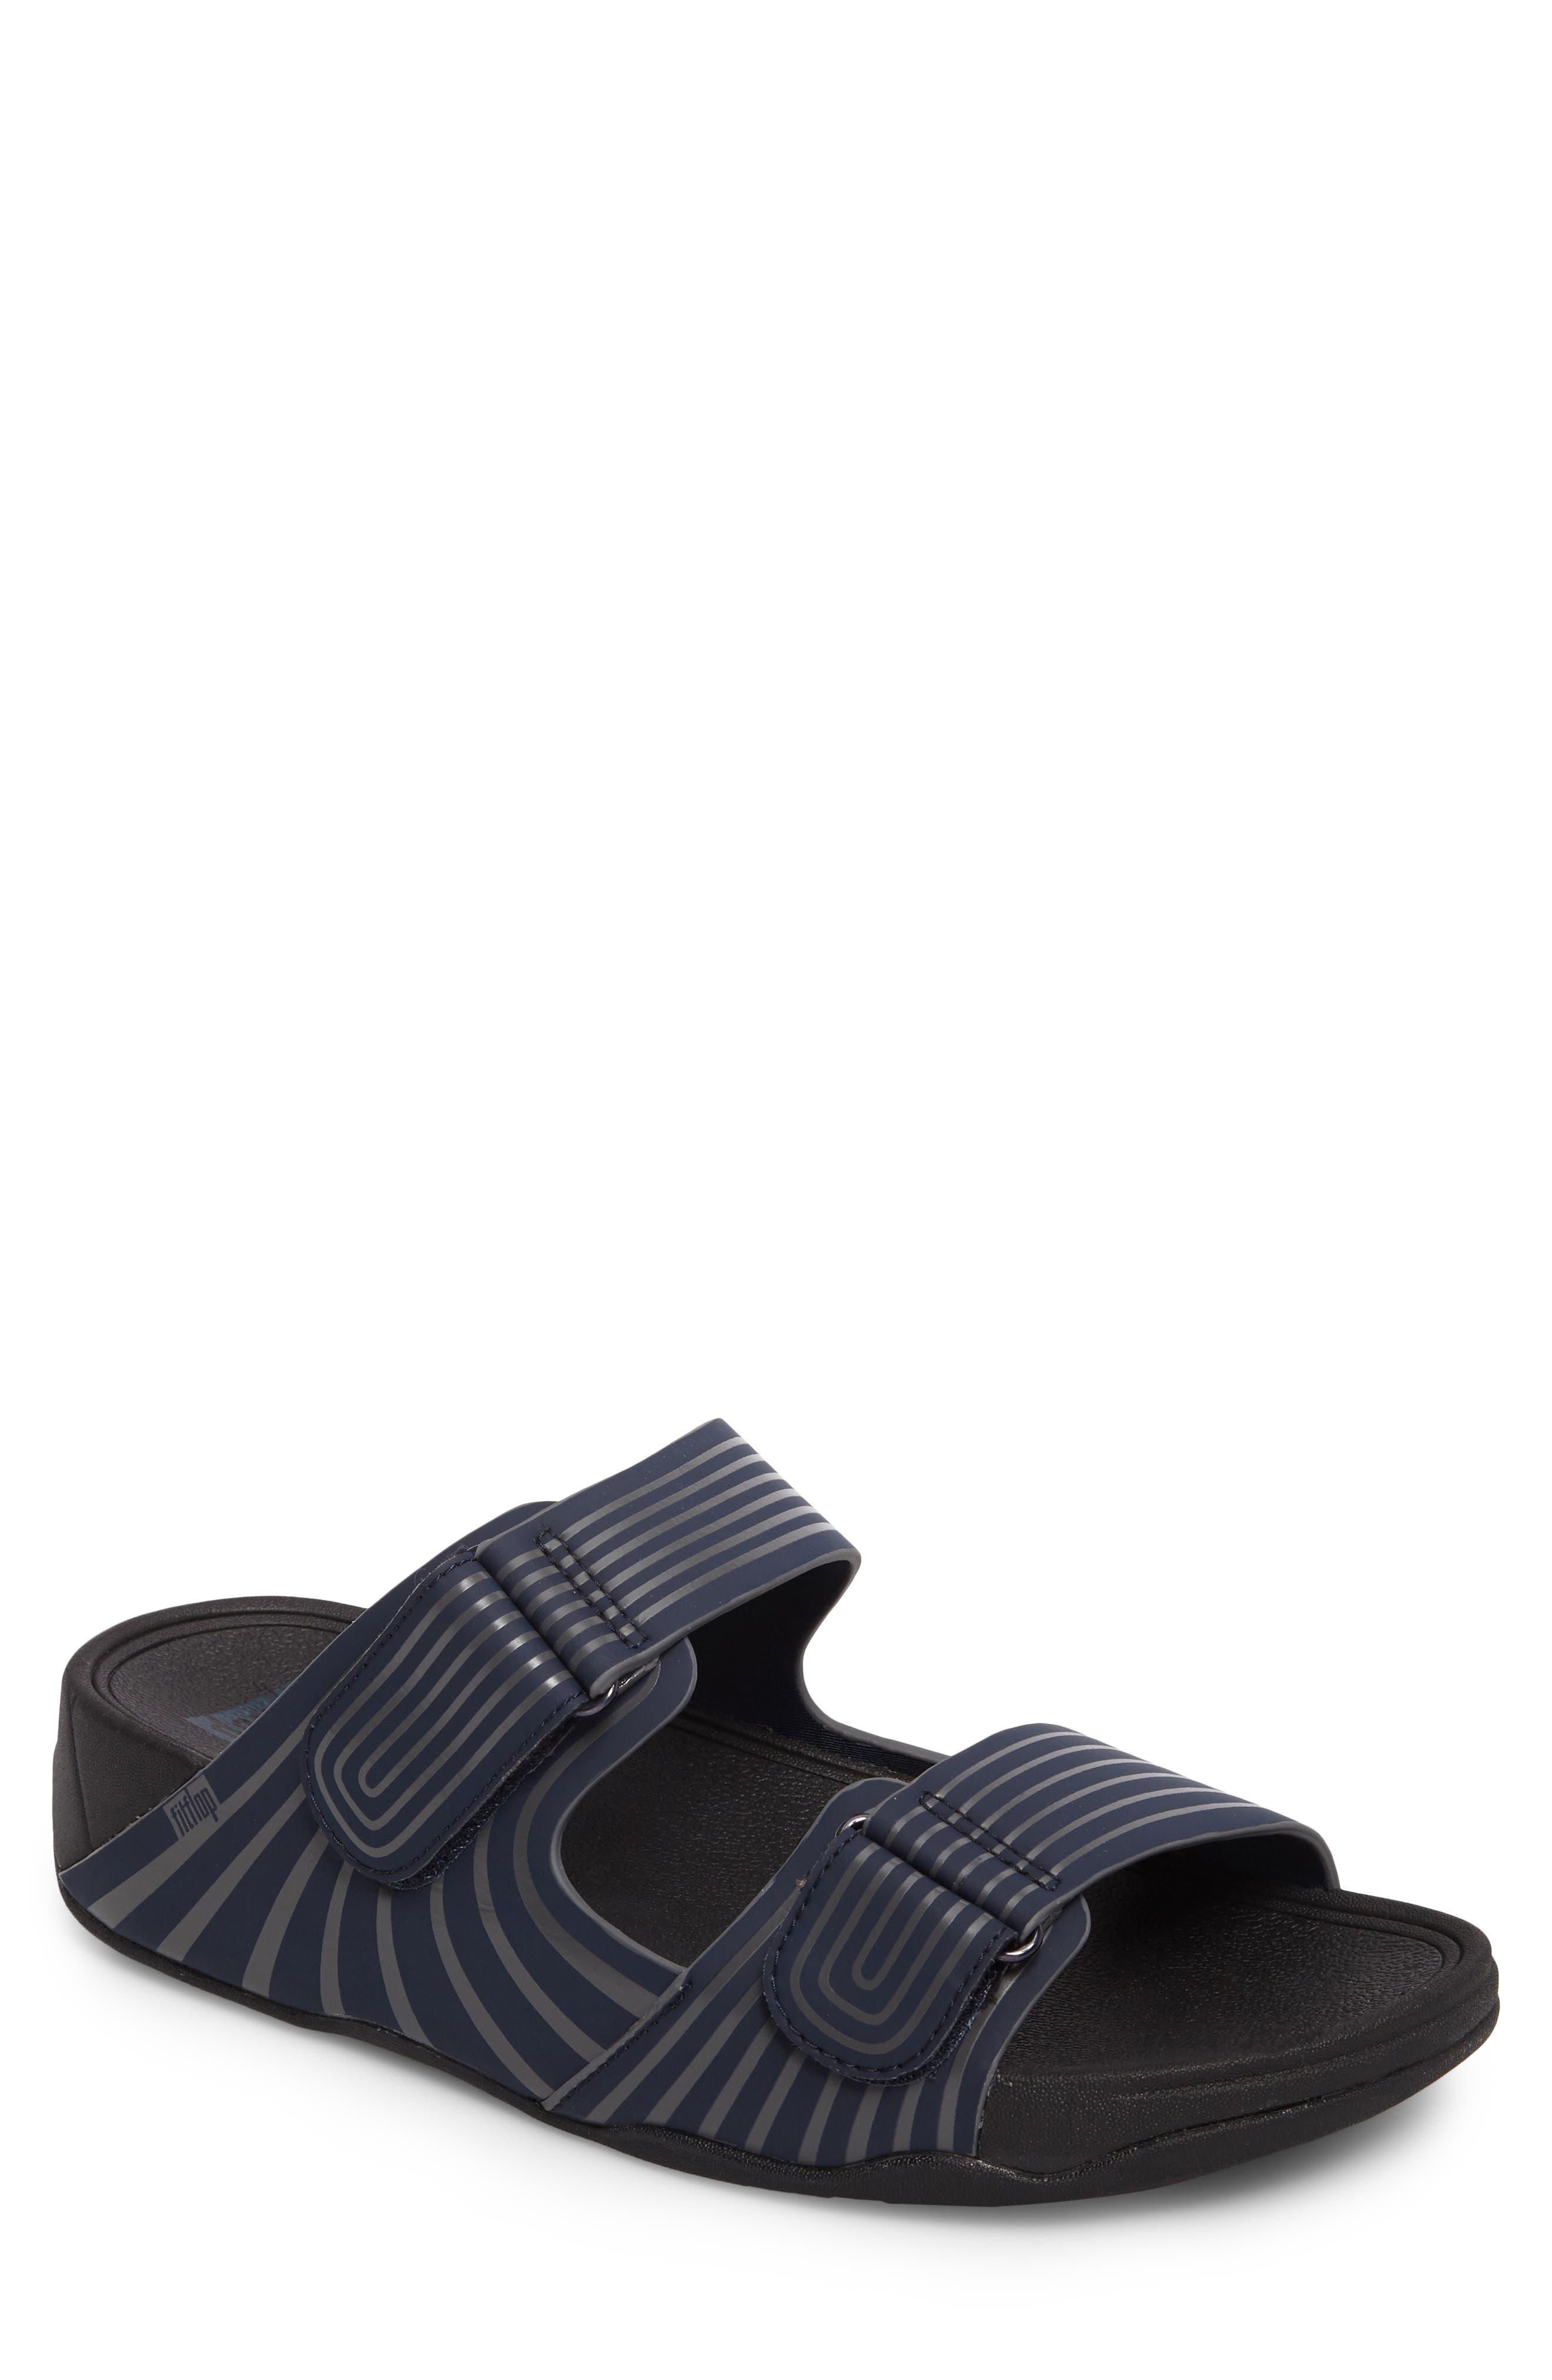 Alternate Image 1 Selected - FitFlop Gogh Sport Slide Sandal (Men)